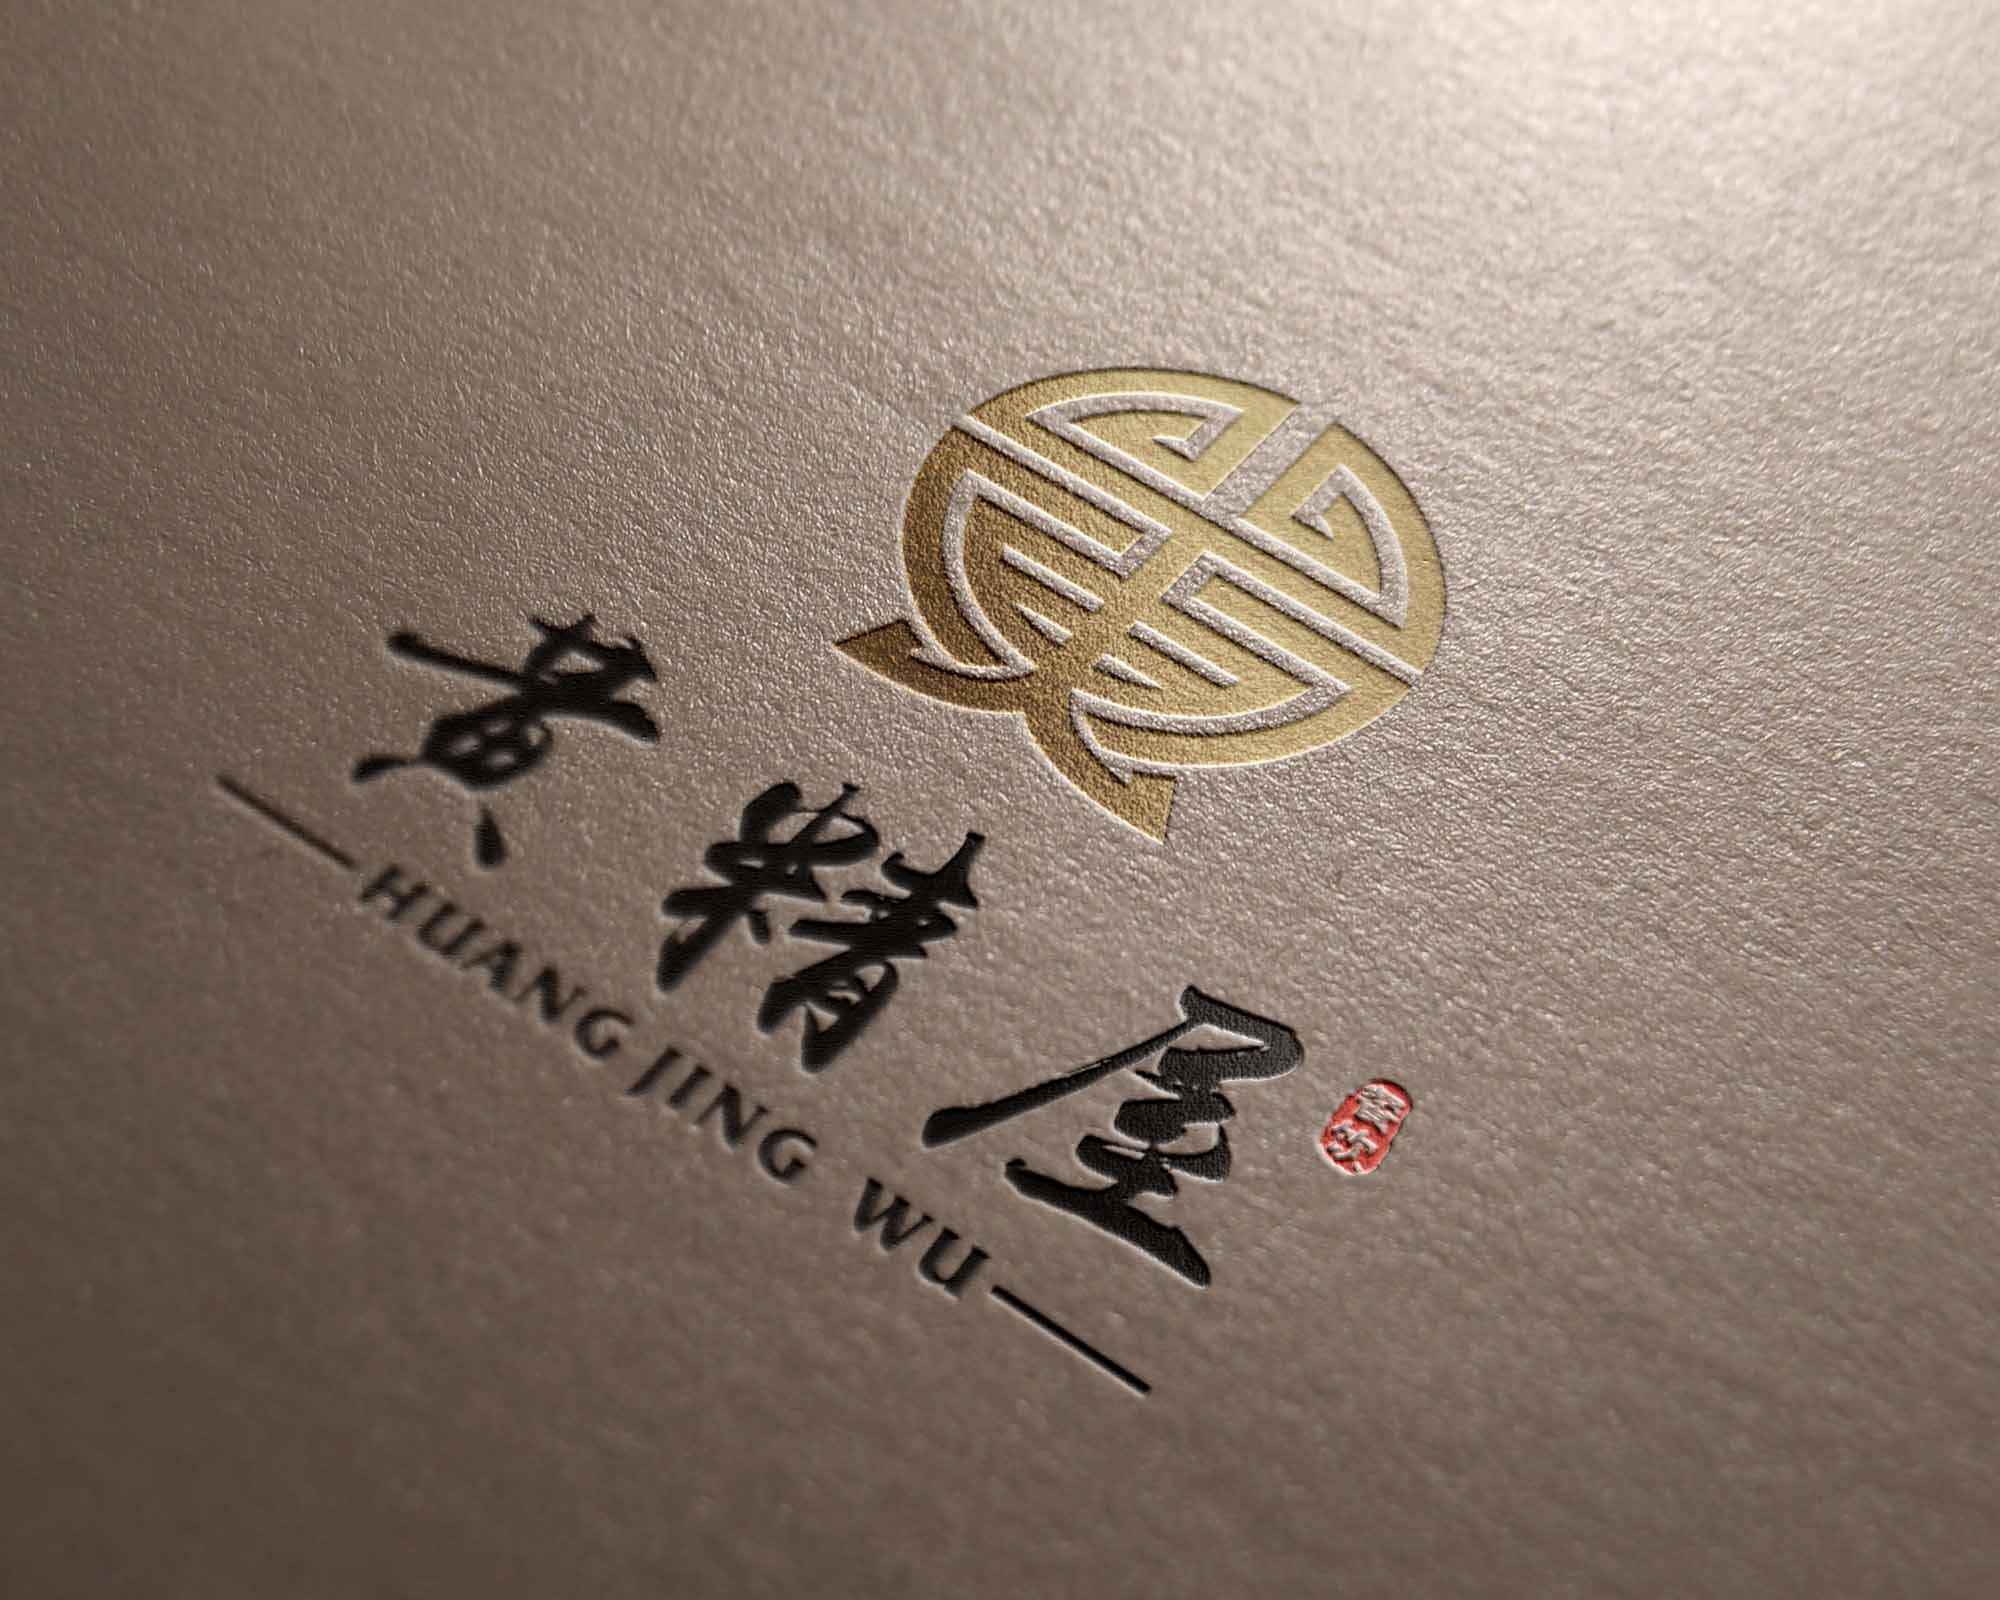 黄精屋 logo设计_2965007_k68威客网